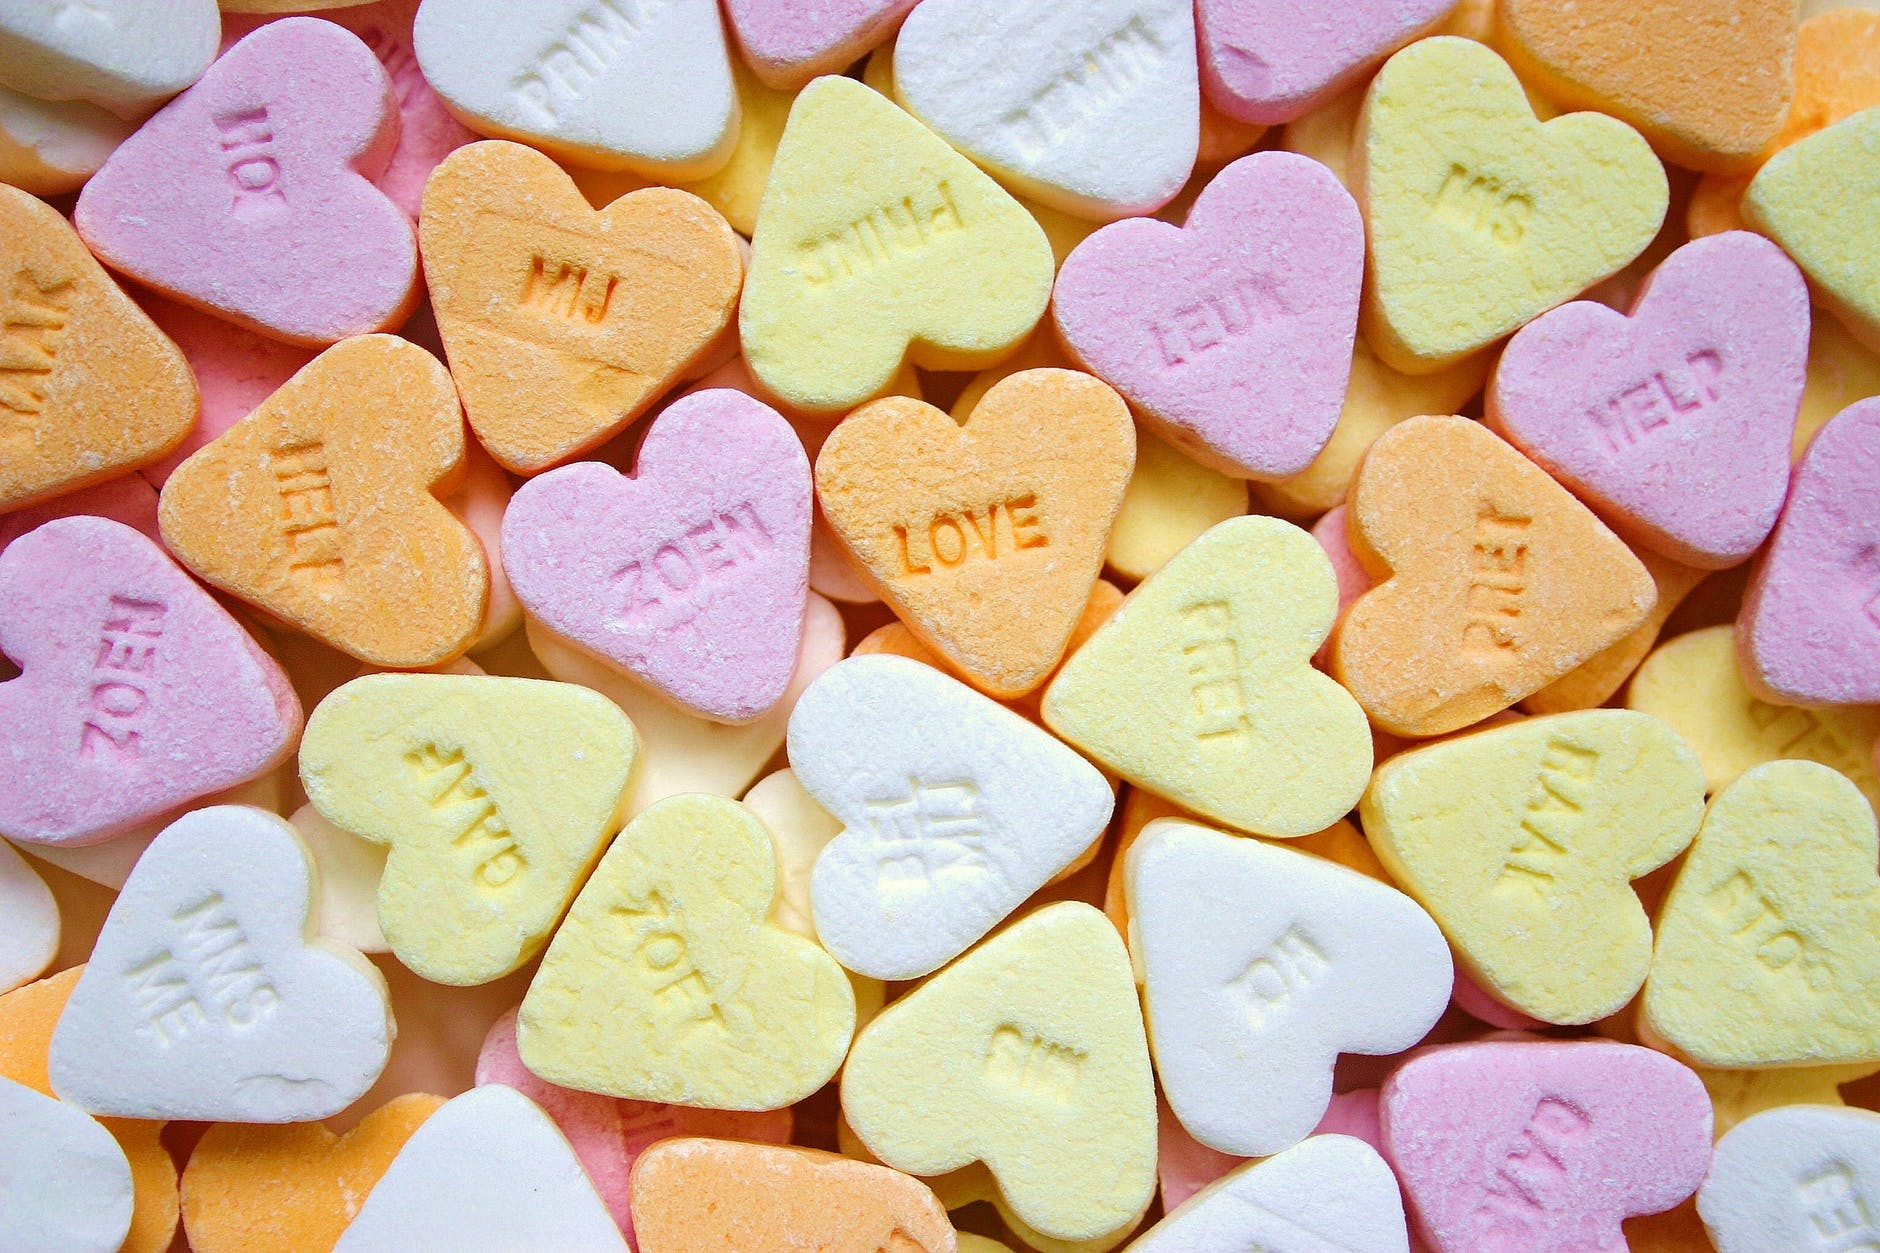 ความรัก มีค่ามากเพียงใด - สุดท้ายหัวใจจะบอกเราเอง